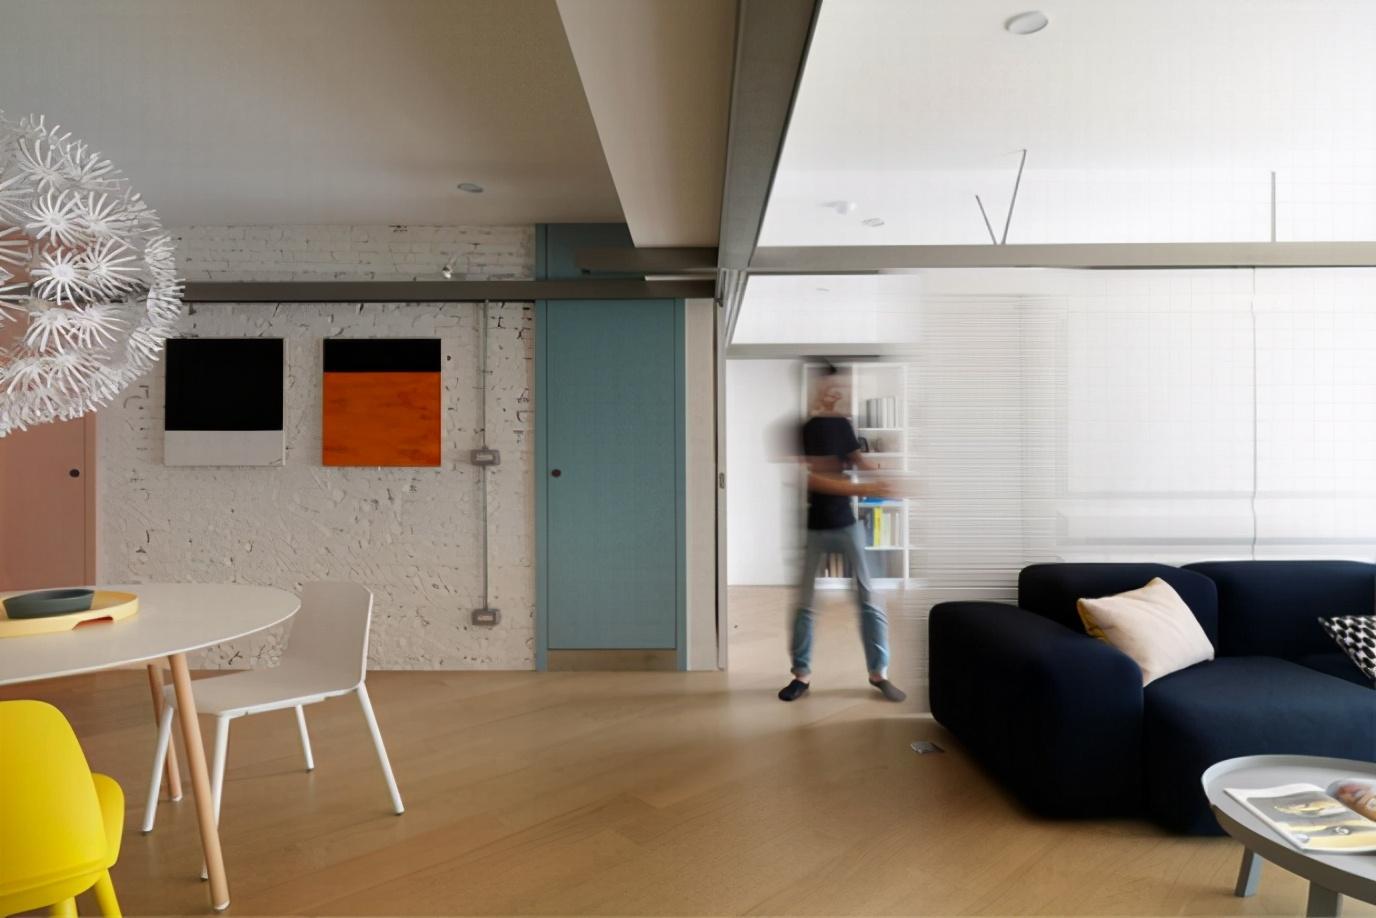 赢咖3注册首页 老房大改造,色彩碰撞构筑活力空间,清新简约装修不费力